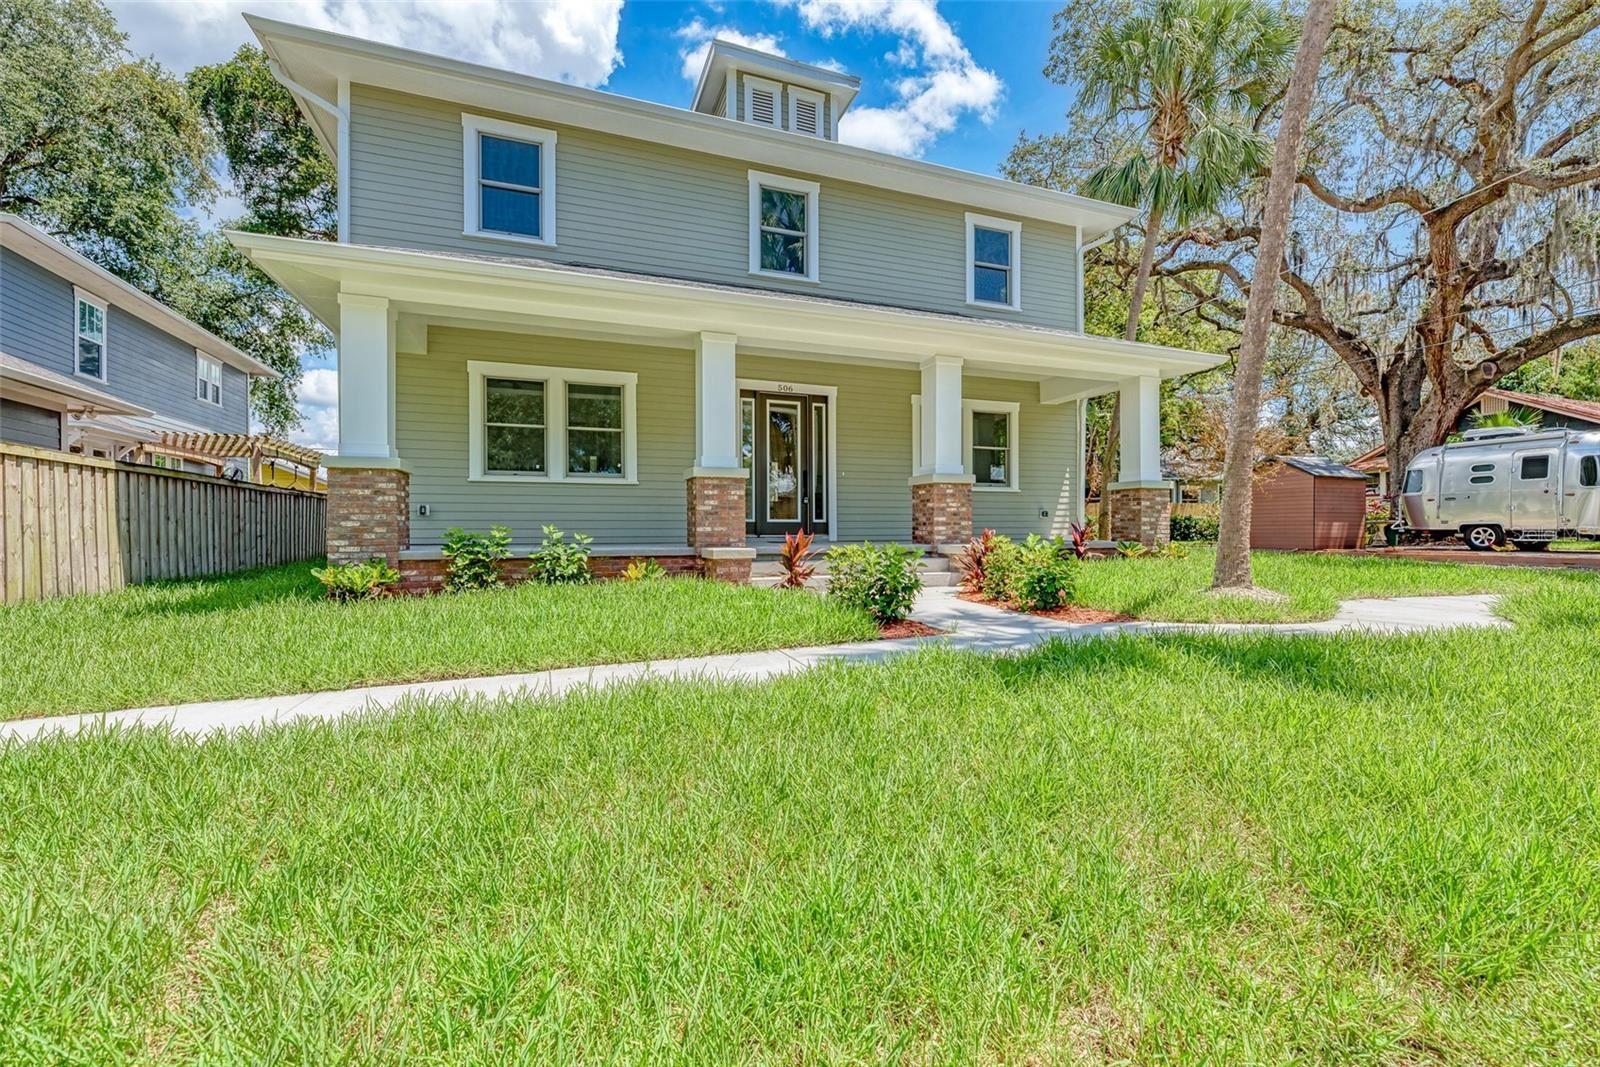 506 E MOHAWK AVENUE, Tampa, FL 33604 - MLS#: T3293367